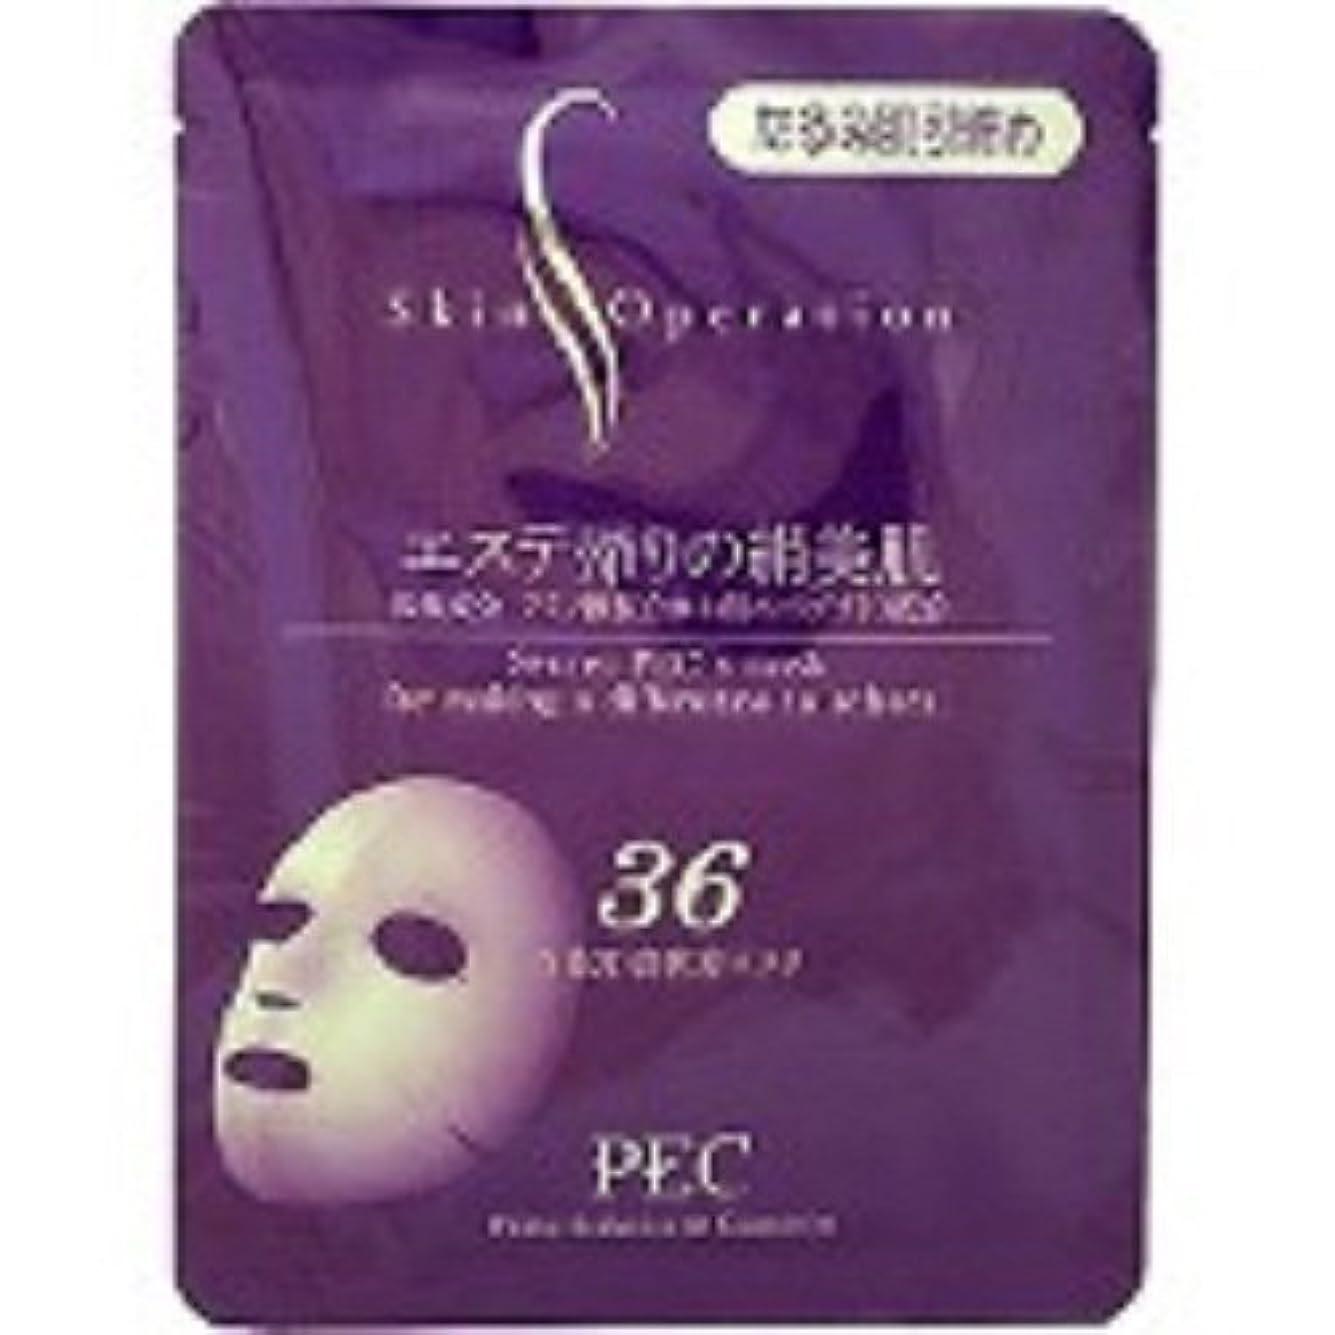 最少書き出すお金ゴムスキンオペレーション マスク36